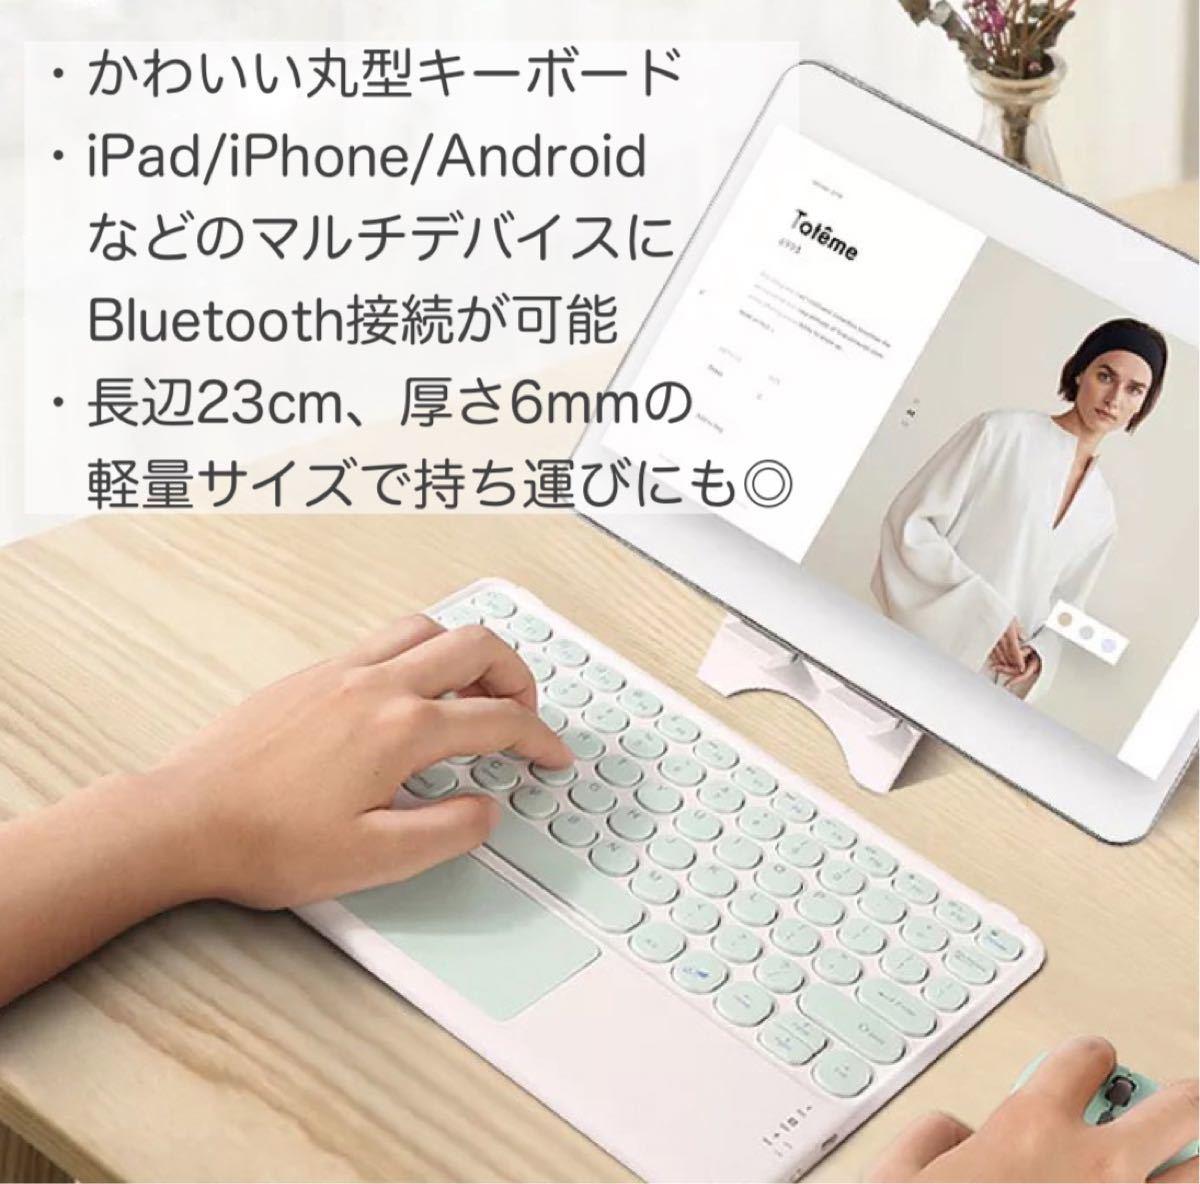 かわいい★丸型キーボード/ミントグリーン/マルチデバイスにBluetooth接続 Apple ワイヤレスキーボード